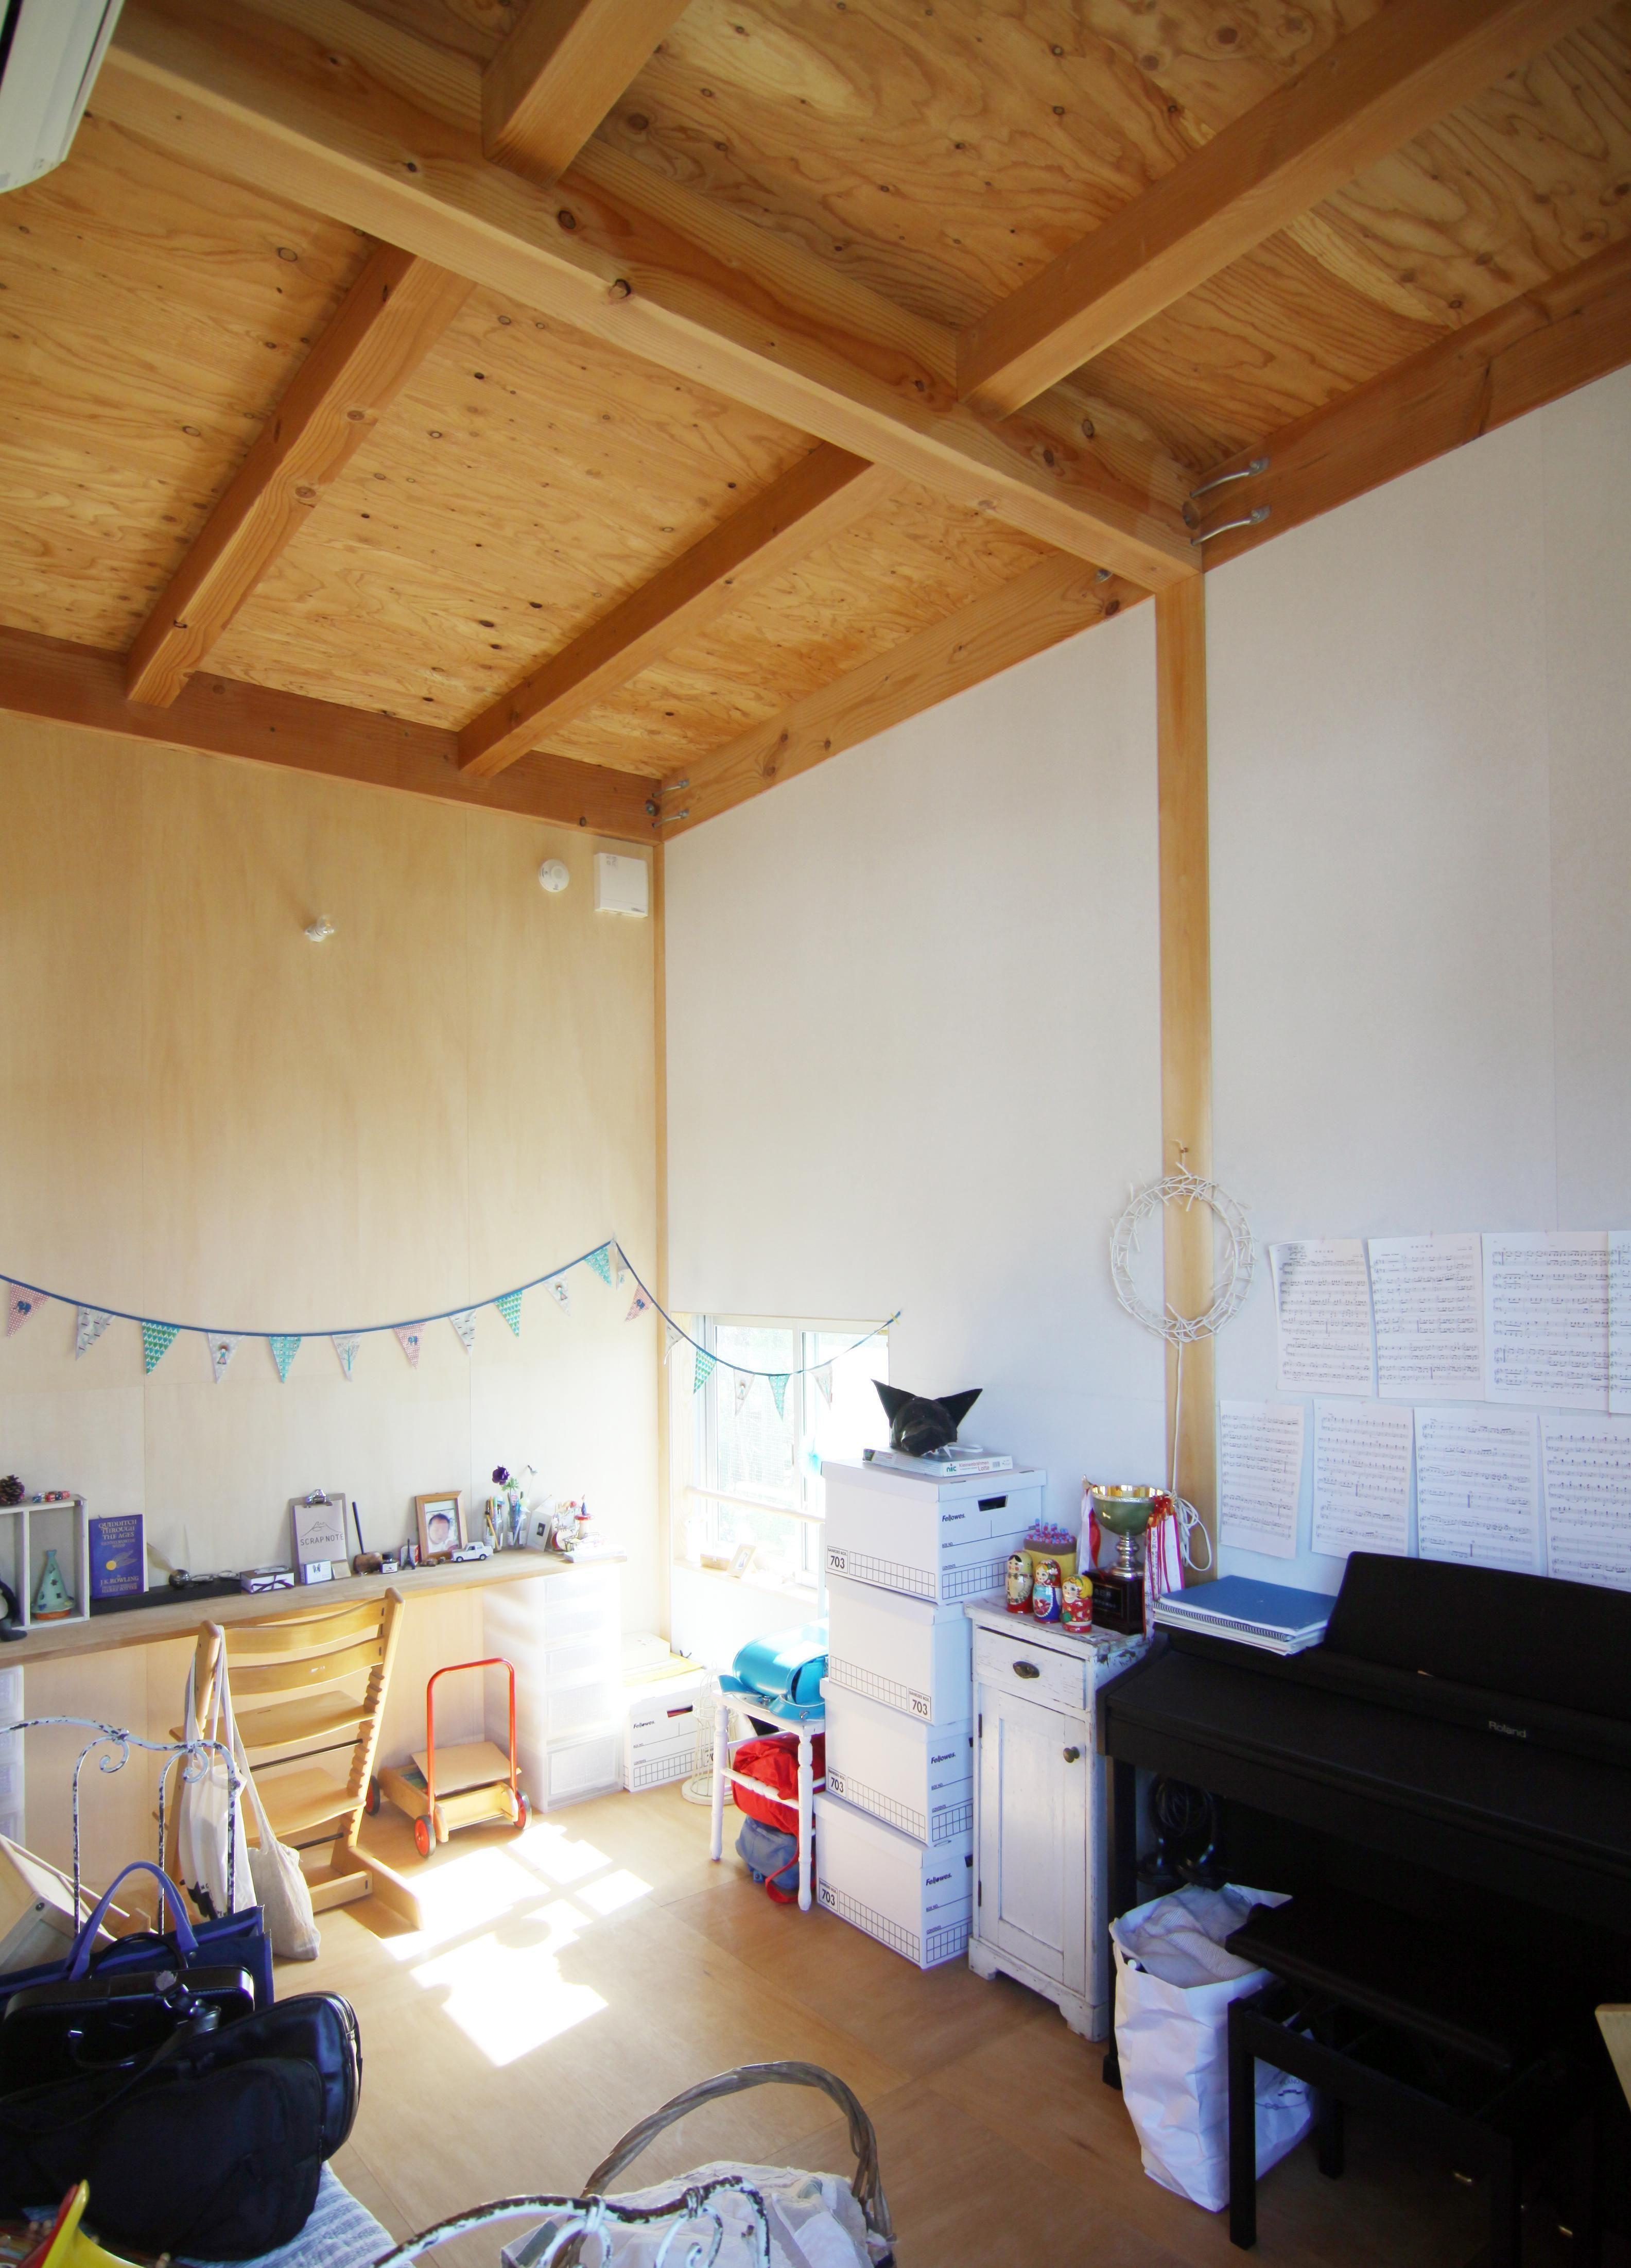 子ども室 木造の家 子供部屋事例 Suvaco スバコ 木造の家 家 木造